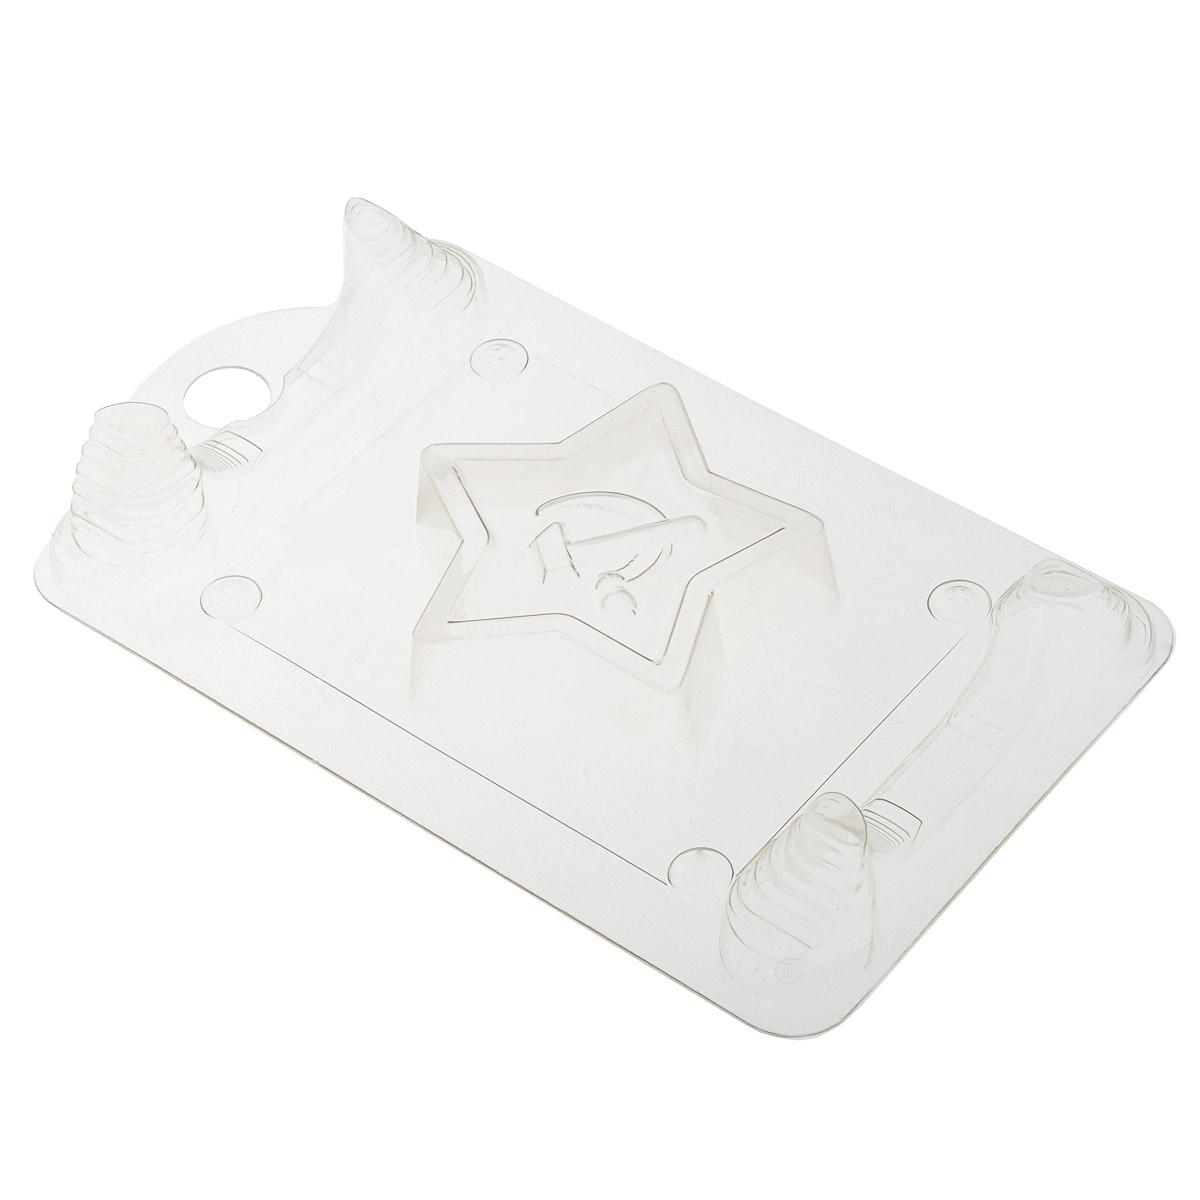 Форма для литья Выдумщики Звезда патриота, 19 х 11,5 х 3 см2700770023879Форма для литья Выдумщики Звезда патриота изготовлена из прозрачного пластика в виде звезды с изображением серпа и молота. Изготовленное в такой форме мыло получит забавный, оригинальный дизайн. При помощи такой прозрачной формы для литья можно самостоятельно изготовить домашнее мыло, а так же оригинальную свечу для украшения праздничного стола и интерьера.